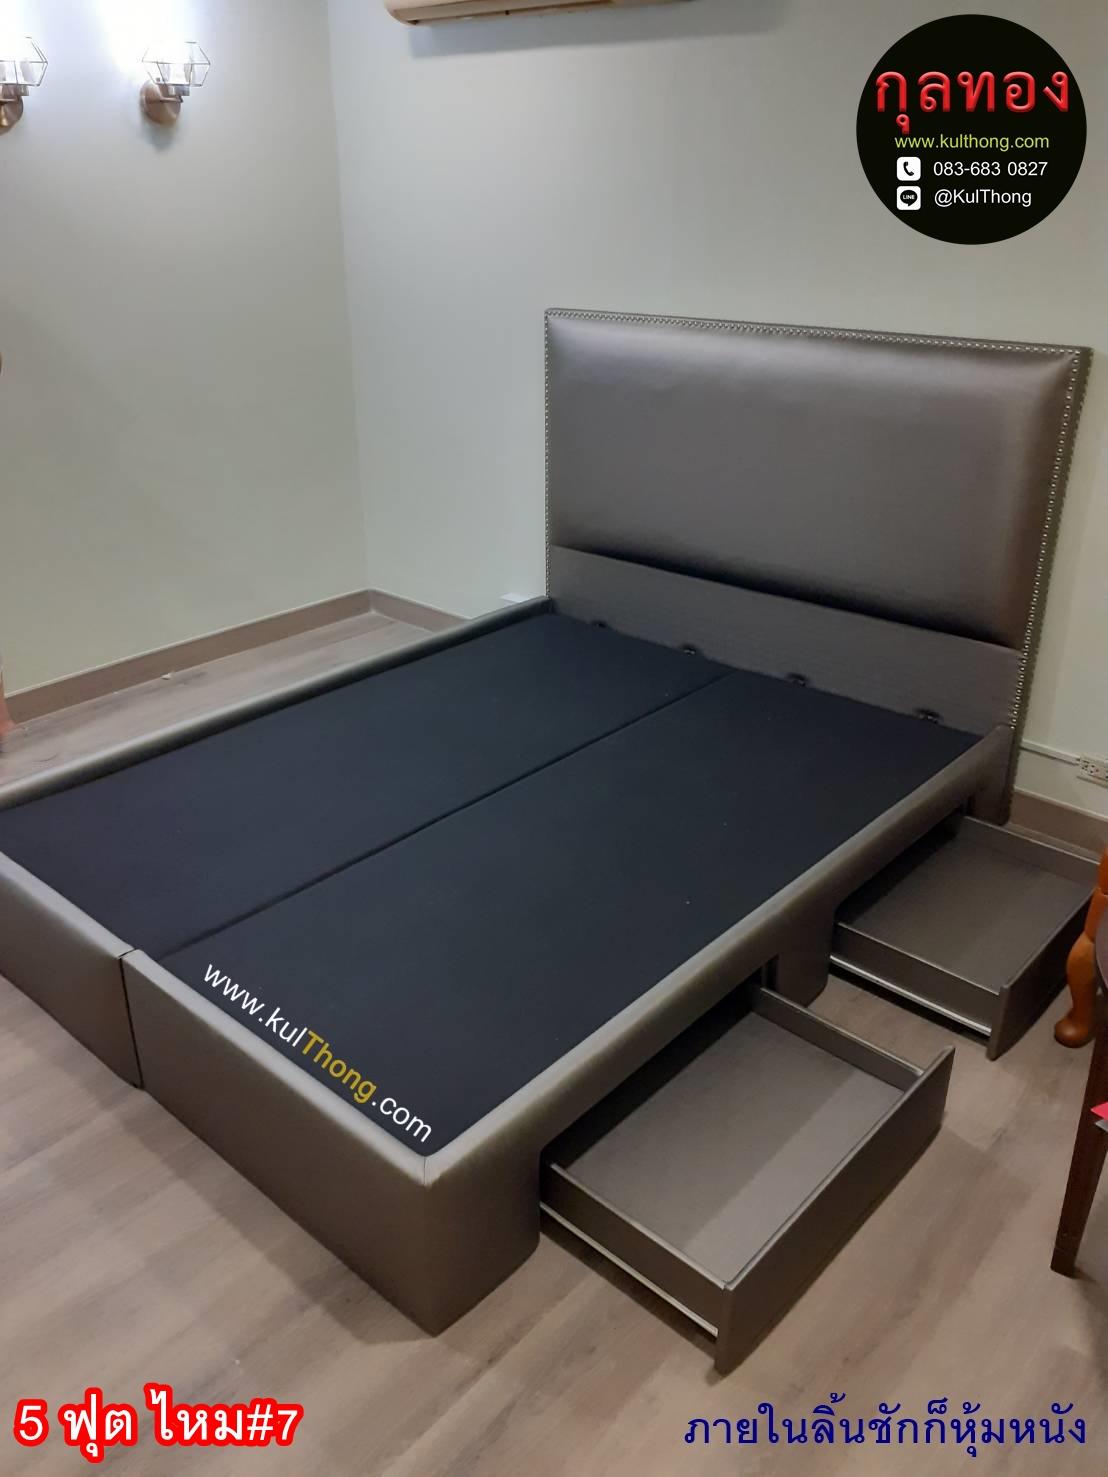 เตียงลิ้นชักมีหัวเตียง เตียงนอนราคาโรงงาน หัวเตียงตอกหมุด